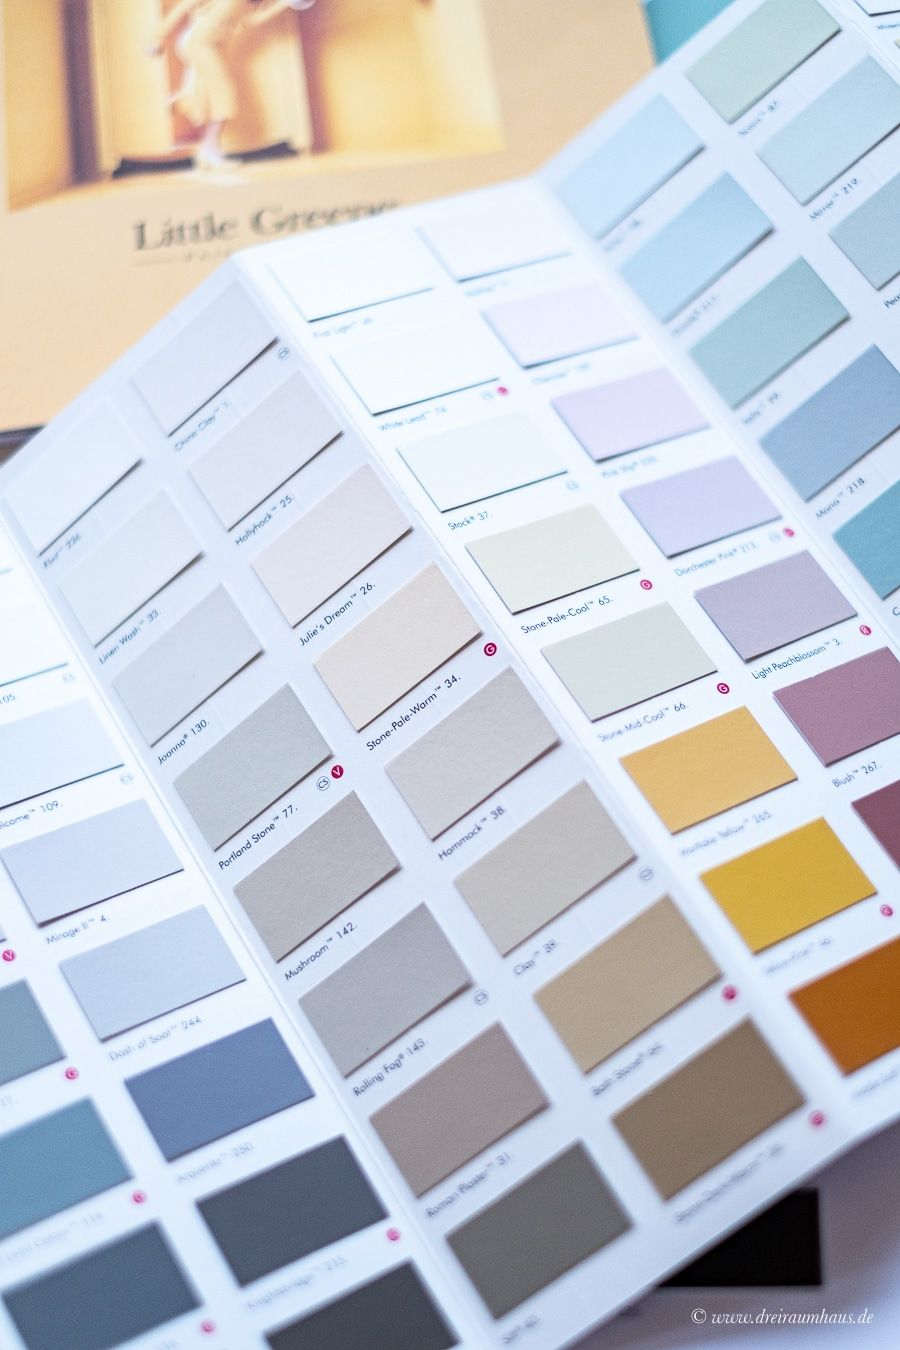 Dekosamstag: Wohnzimmer #1 - Wie plane ich ein Room-Makeover? Farbauswahl mit Little Green und Architects Finest und ein Samtsofa.